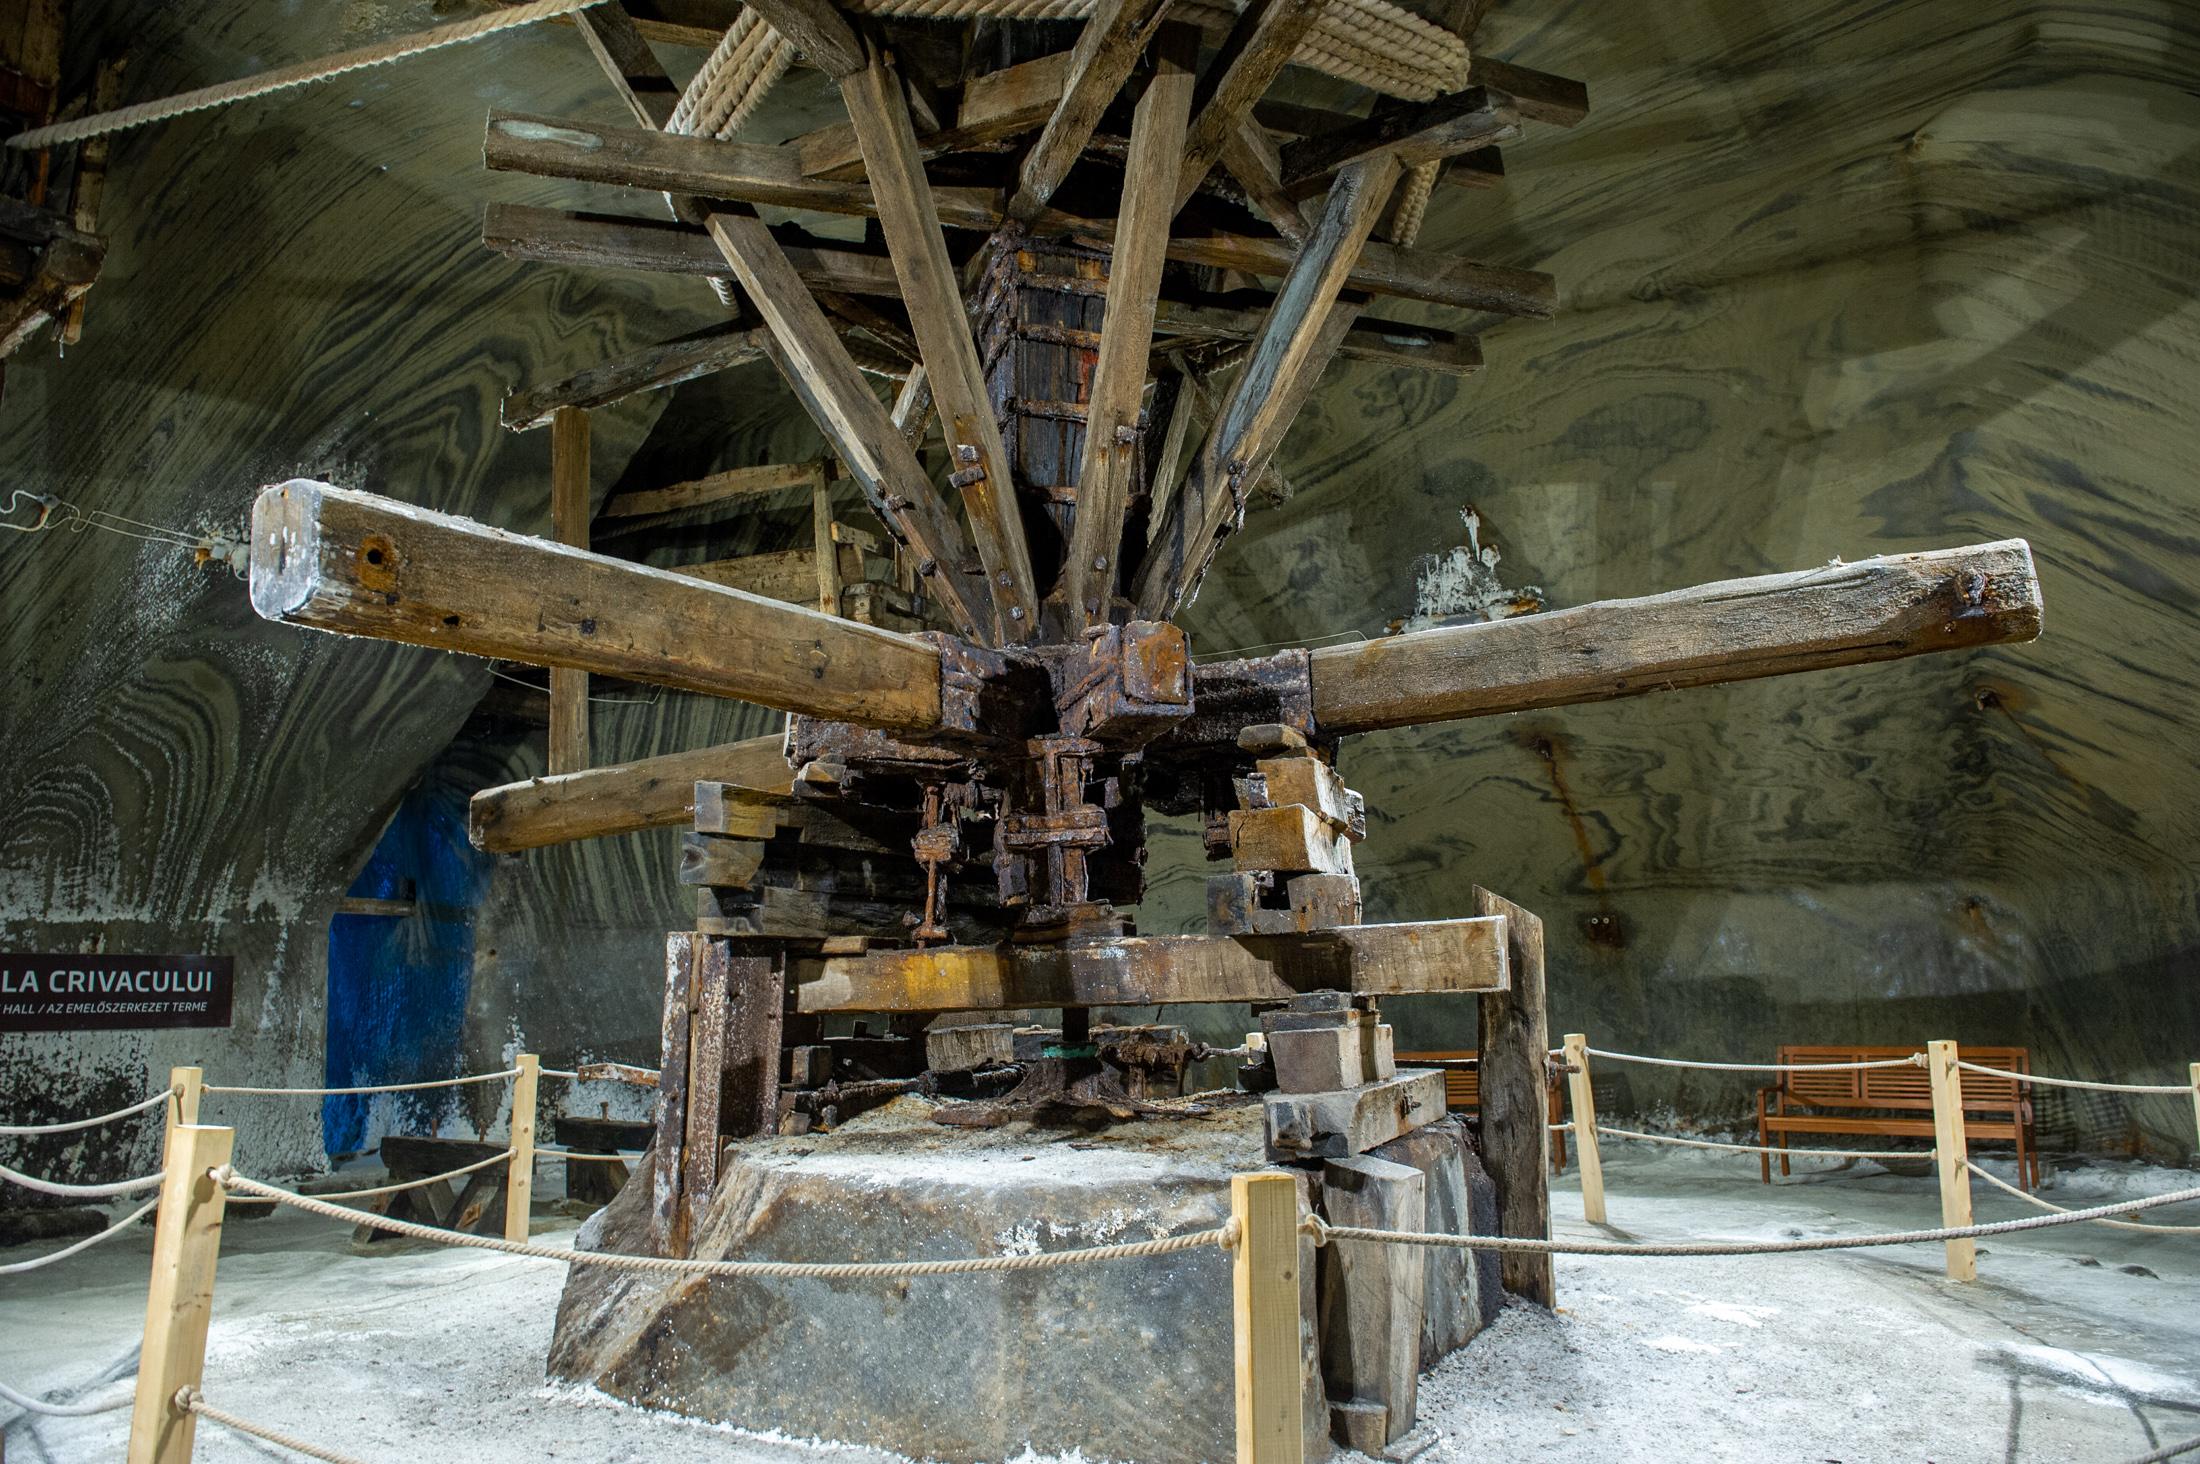 -Az egykori, lovak által hajtott kiemelő szerkezet a József bánya tetején